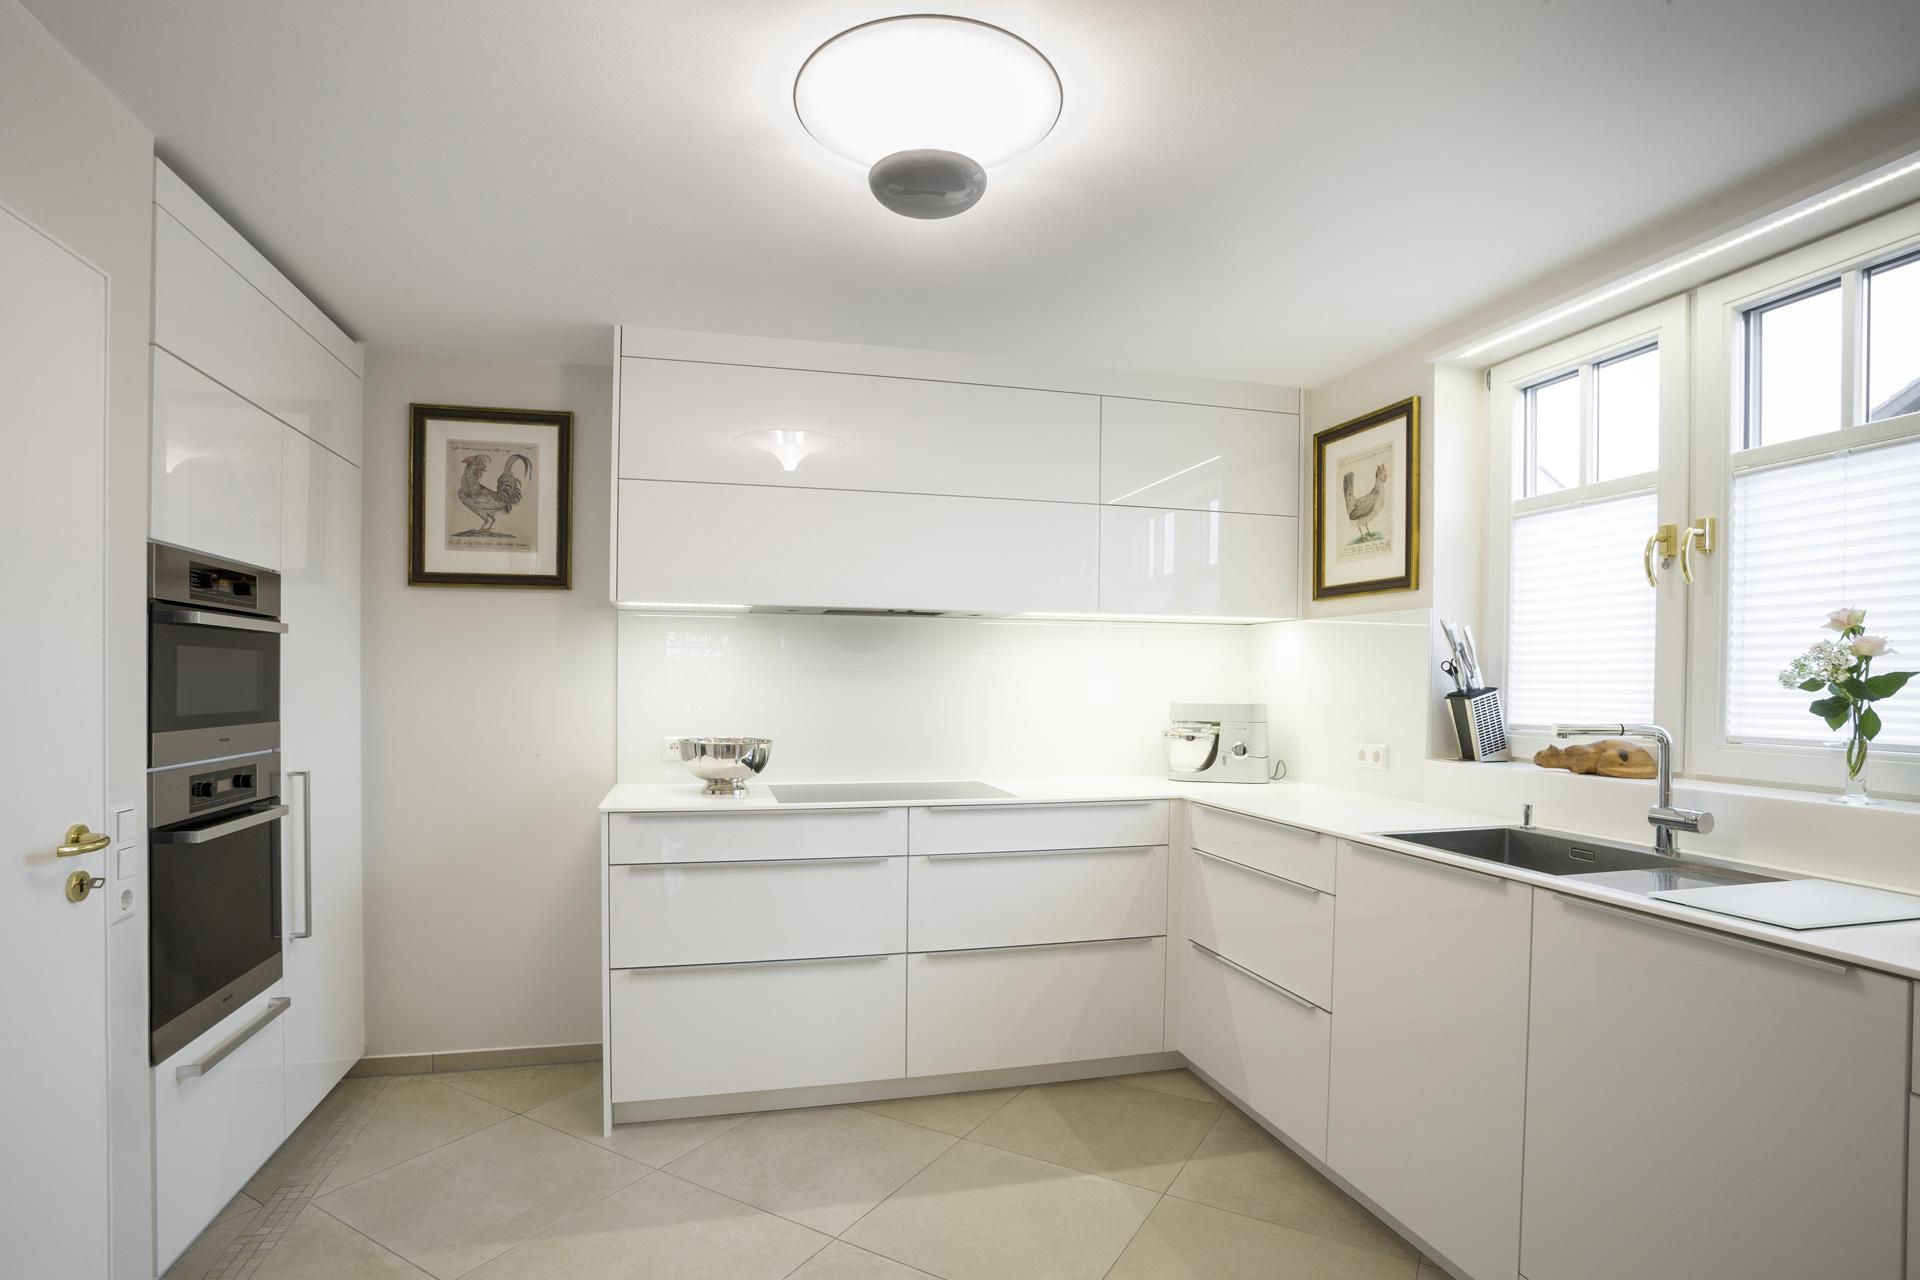 Küche Weiß Hochglanz Kreativ On Andere Beabsichtigt In Weiss Pinterest Kitchens Pantry 7